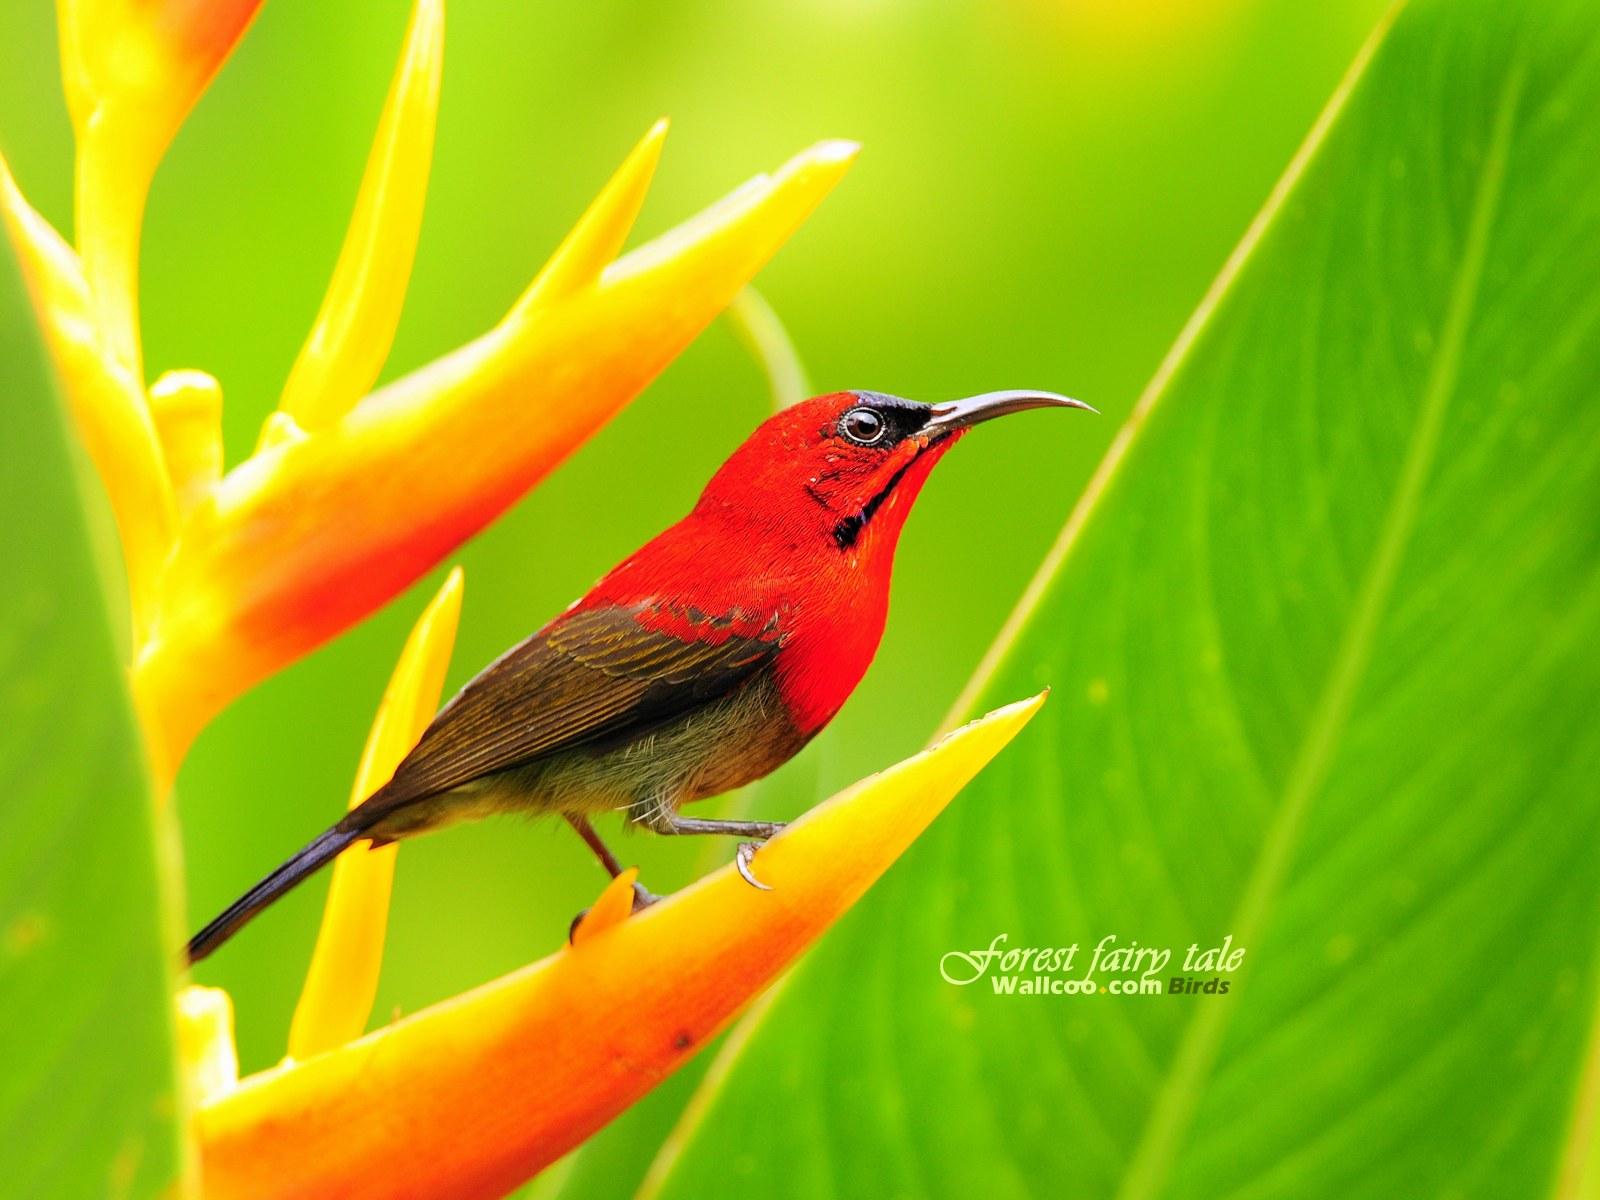 可爱 壁纸 小鸟/树林里的小精灵 春天可爱小鸟壁纸 黄腹太阳鸟雄鸟如画般的艳丽...